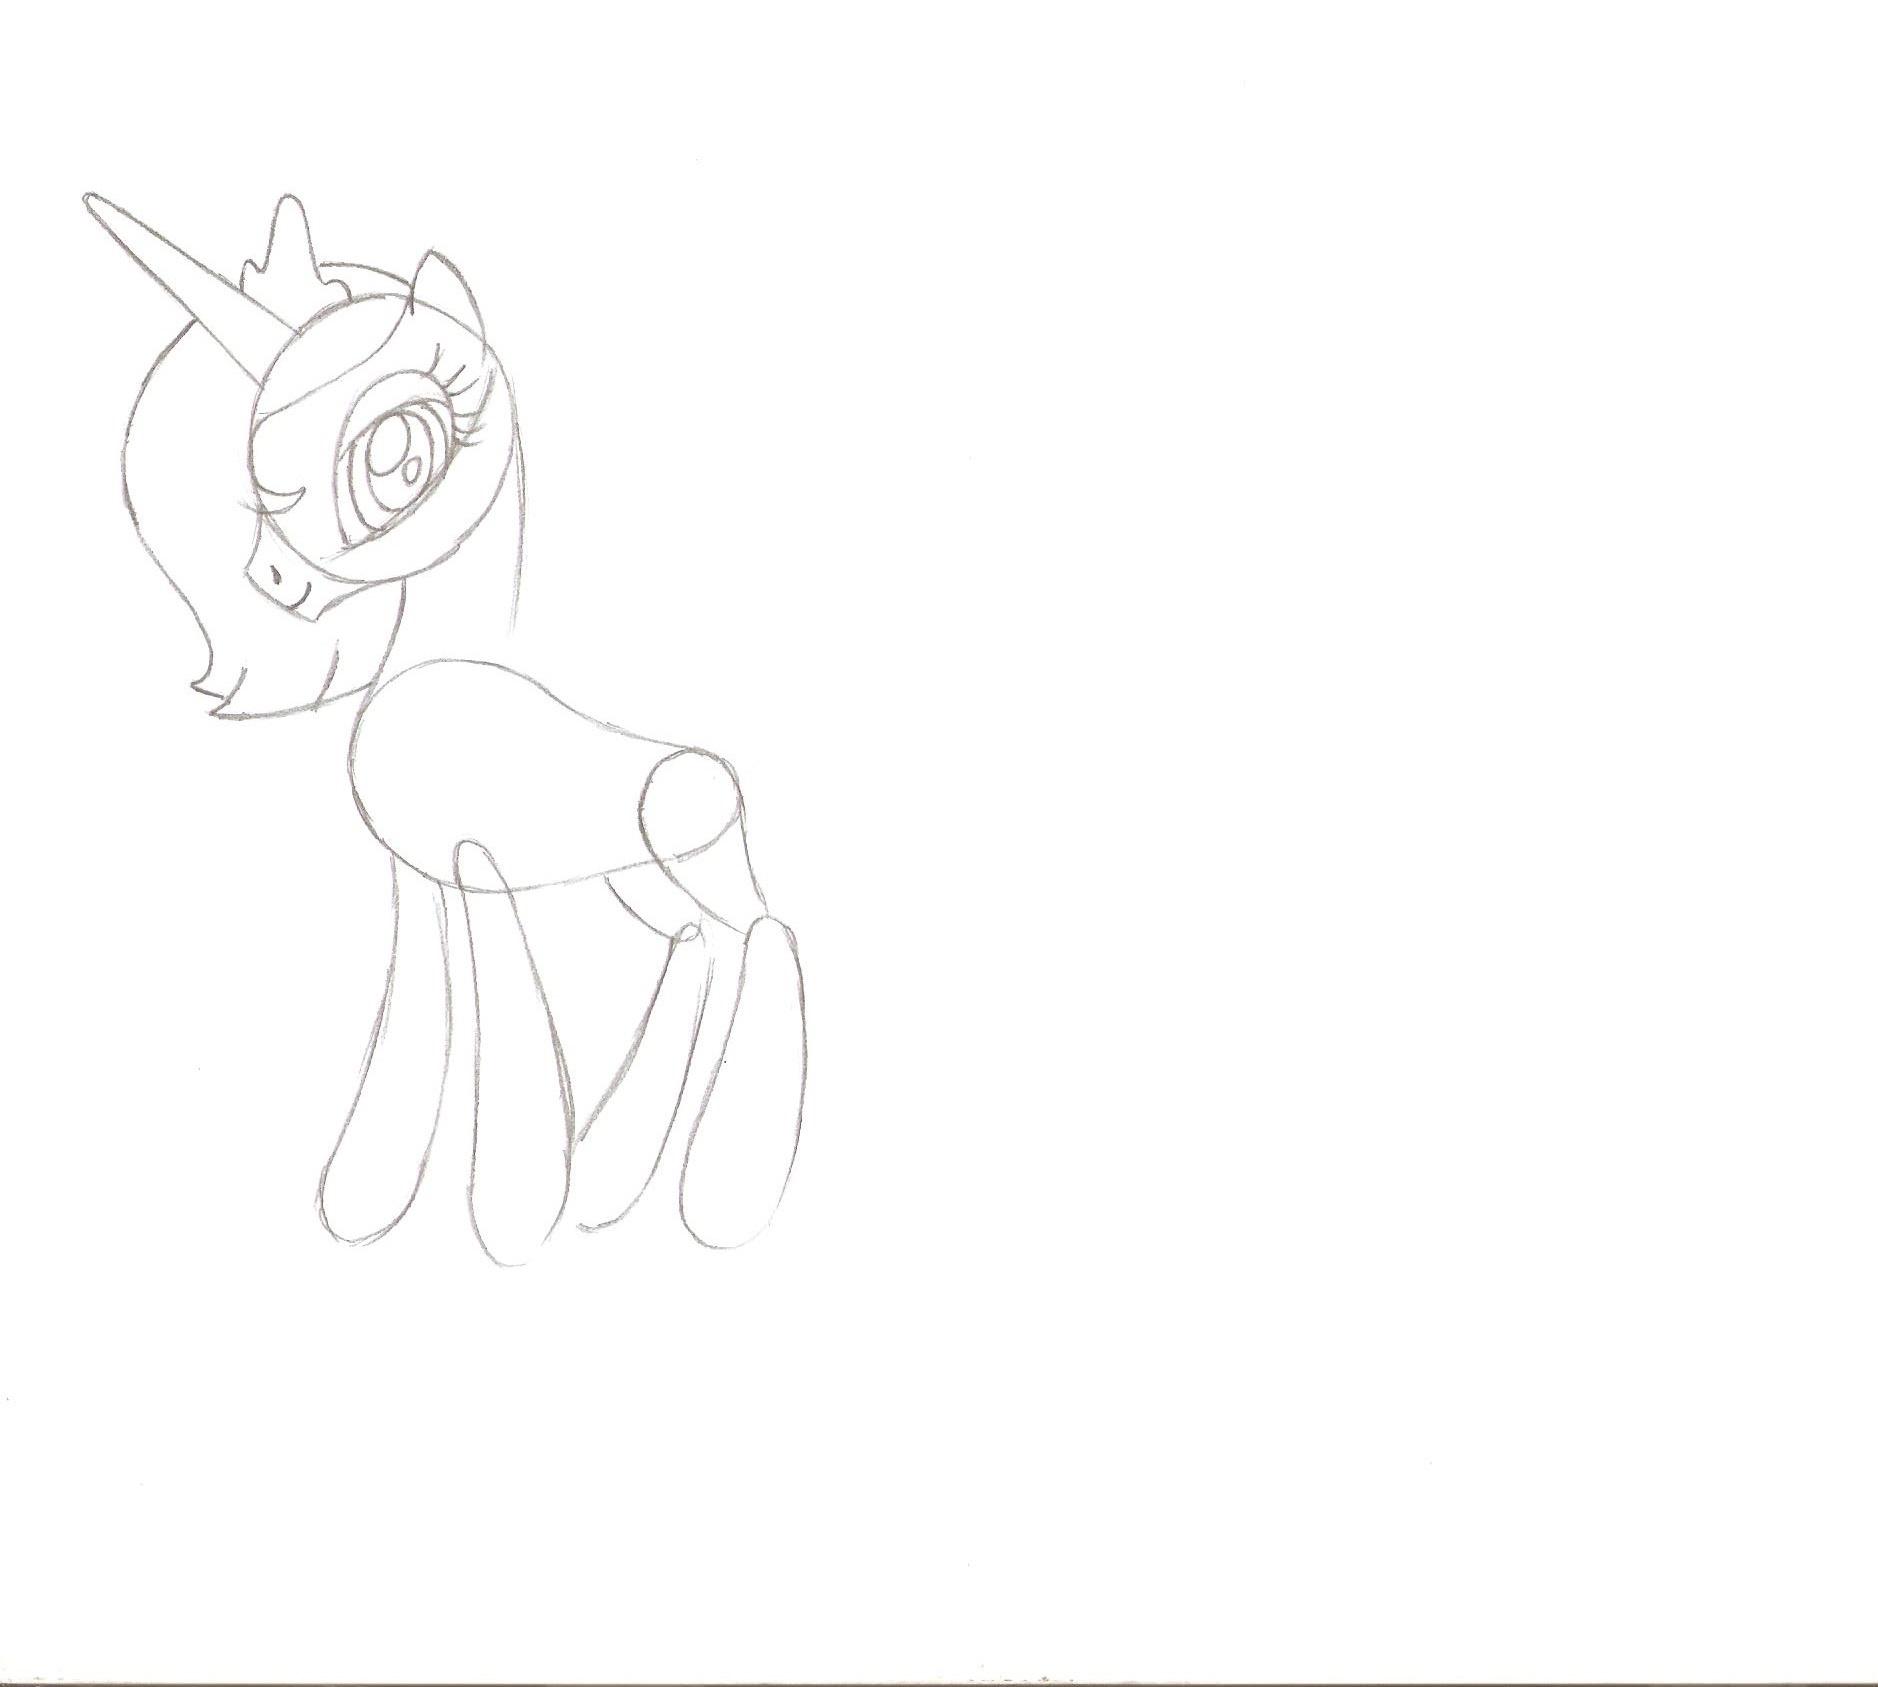 как нарисовать пони принцессу луну карандашом